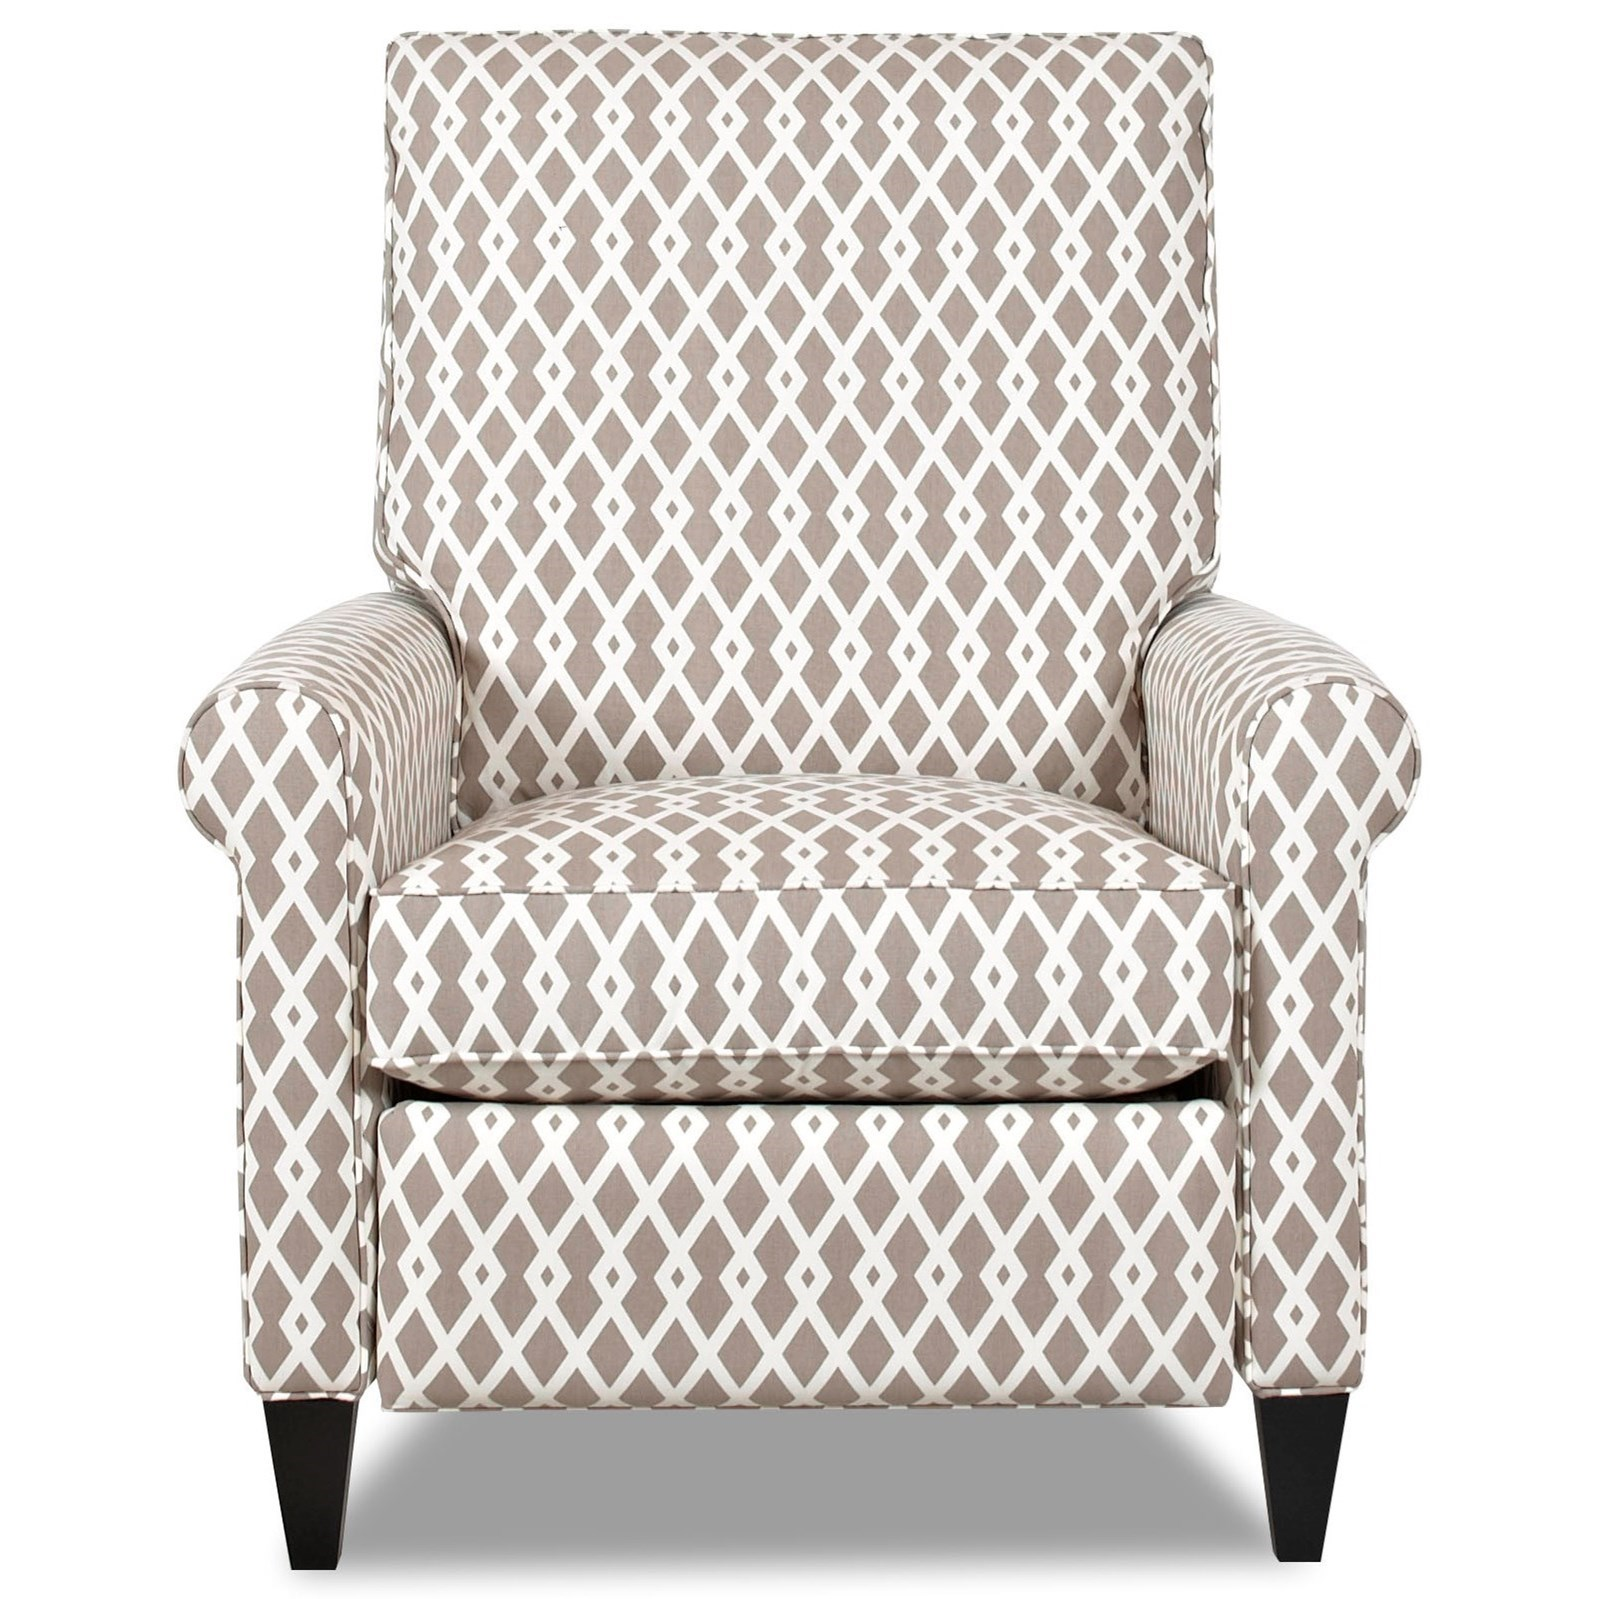 Magnificent Reclining Chairs Finley High Leg Recliner Alphanode Cool Chair Designs And Ideas Alphanodeonline